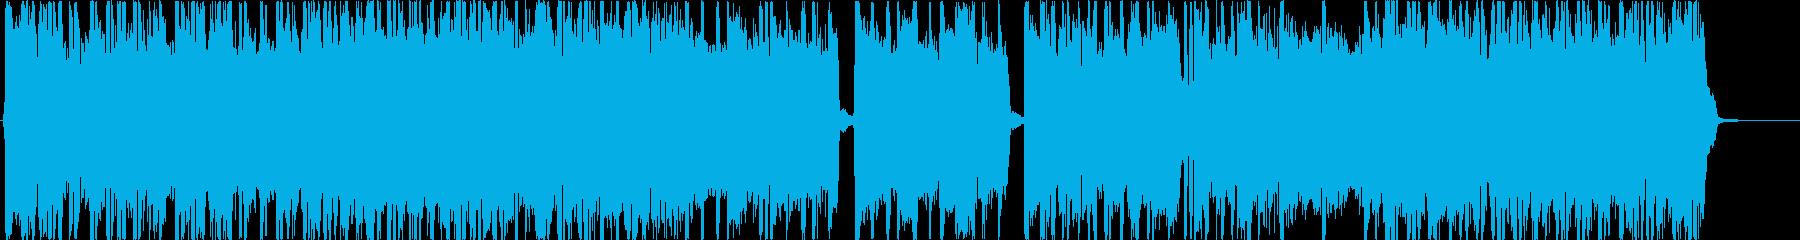 ヘビーメタル、ハードロック、リフ3の再生済みの波形